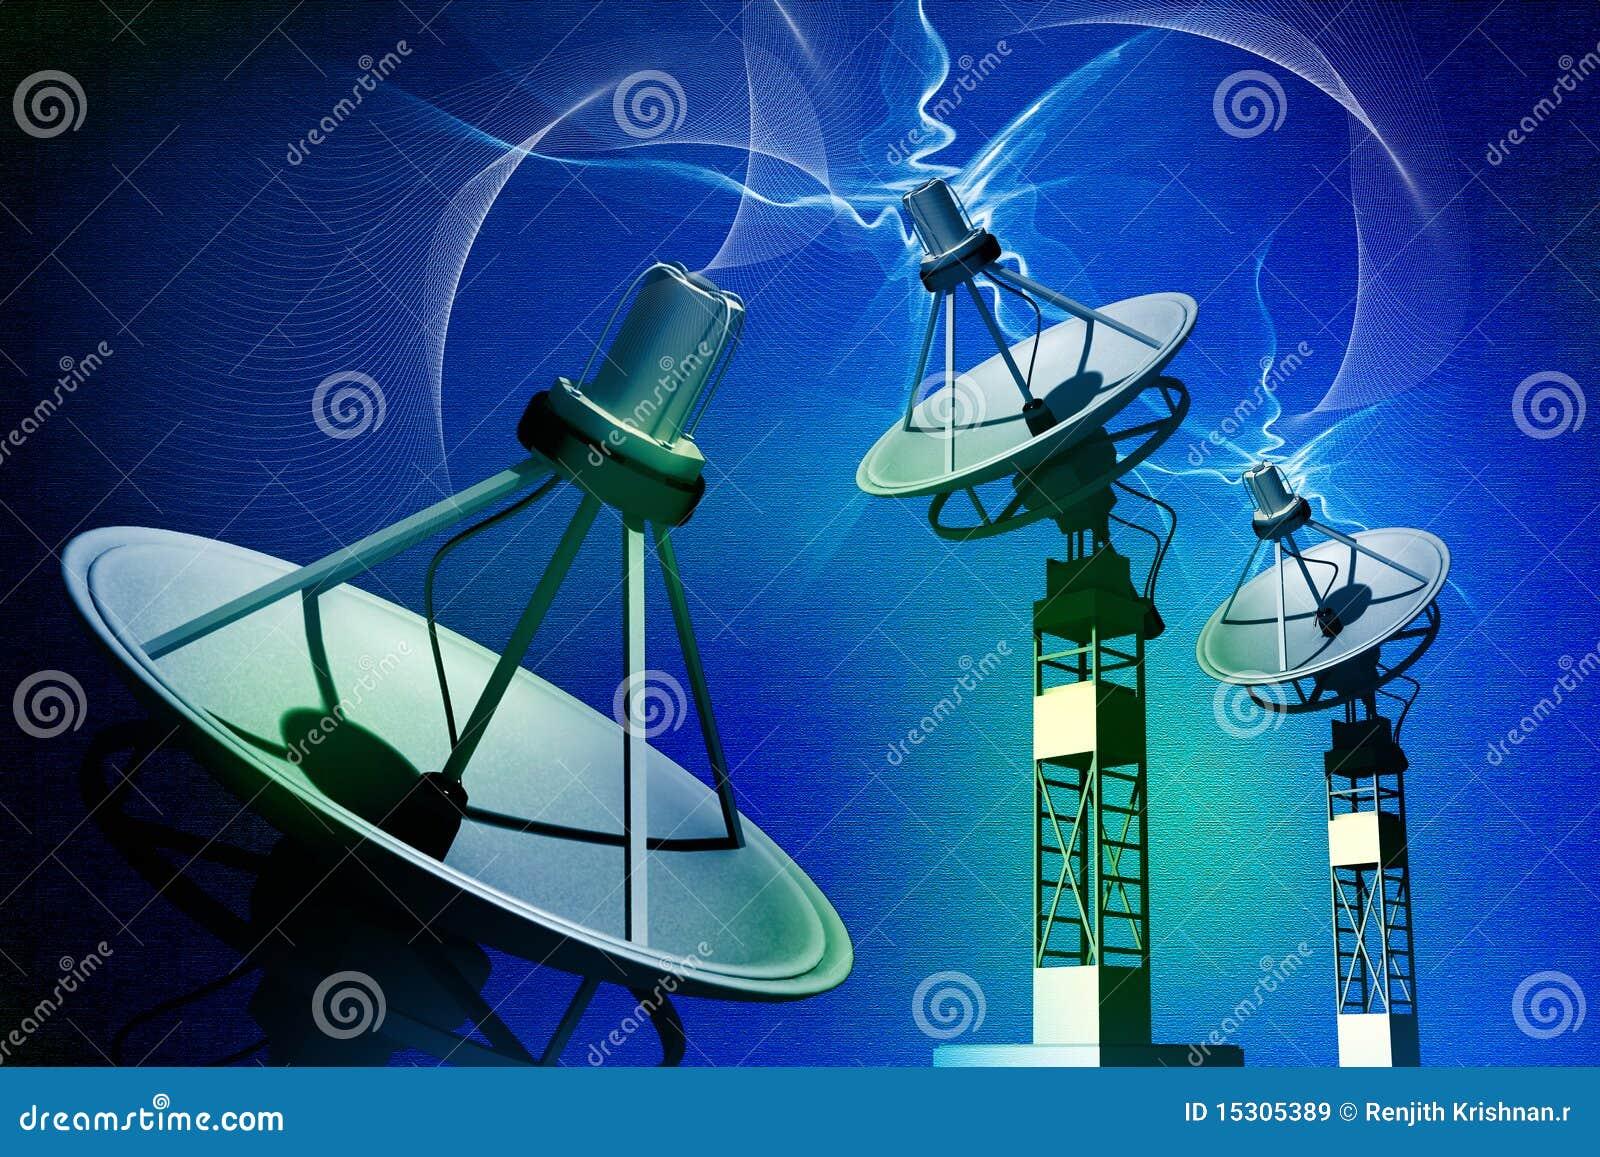 antenne parabolique illustration stock illustration du r seau 15305389. Black Bedroom Furniture Sets. Home Design Ideas